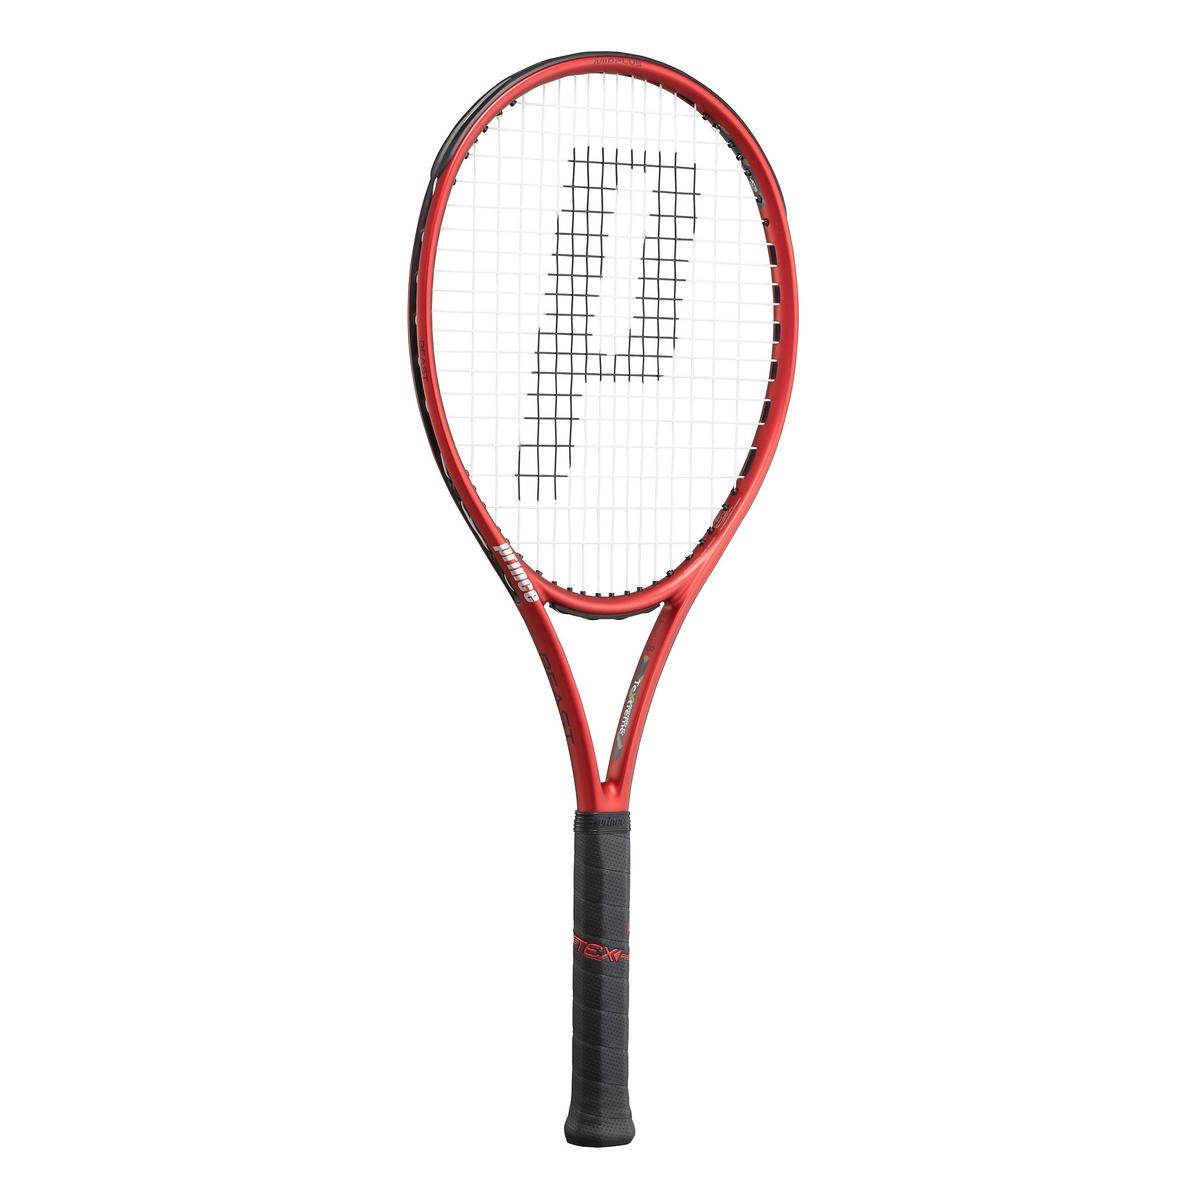 ● 【送料無料】 PRINCE (プリンス) 【フレームのみ】テニス フレームラケット 7TJ096 B O3 100(300) 20 BEASTRED 7TJ096